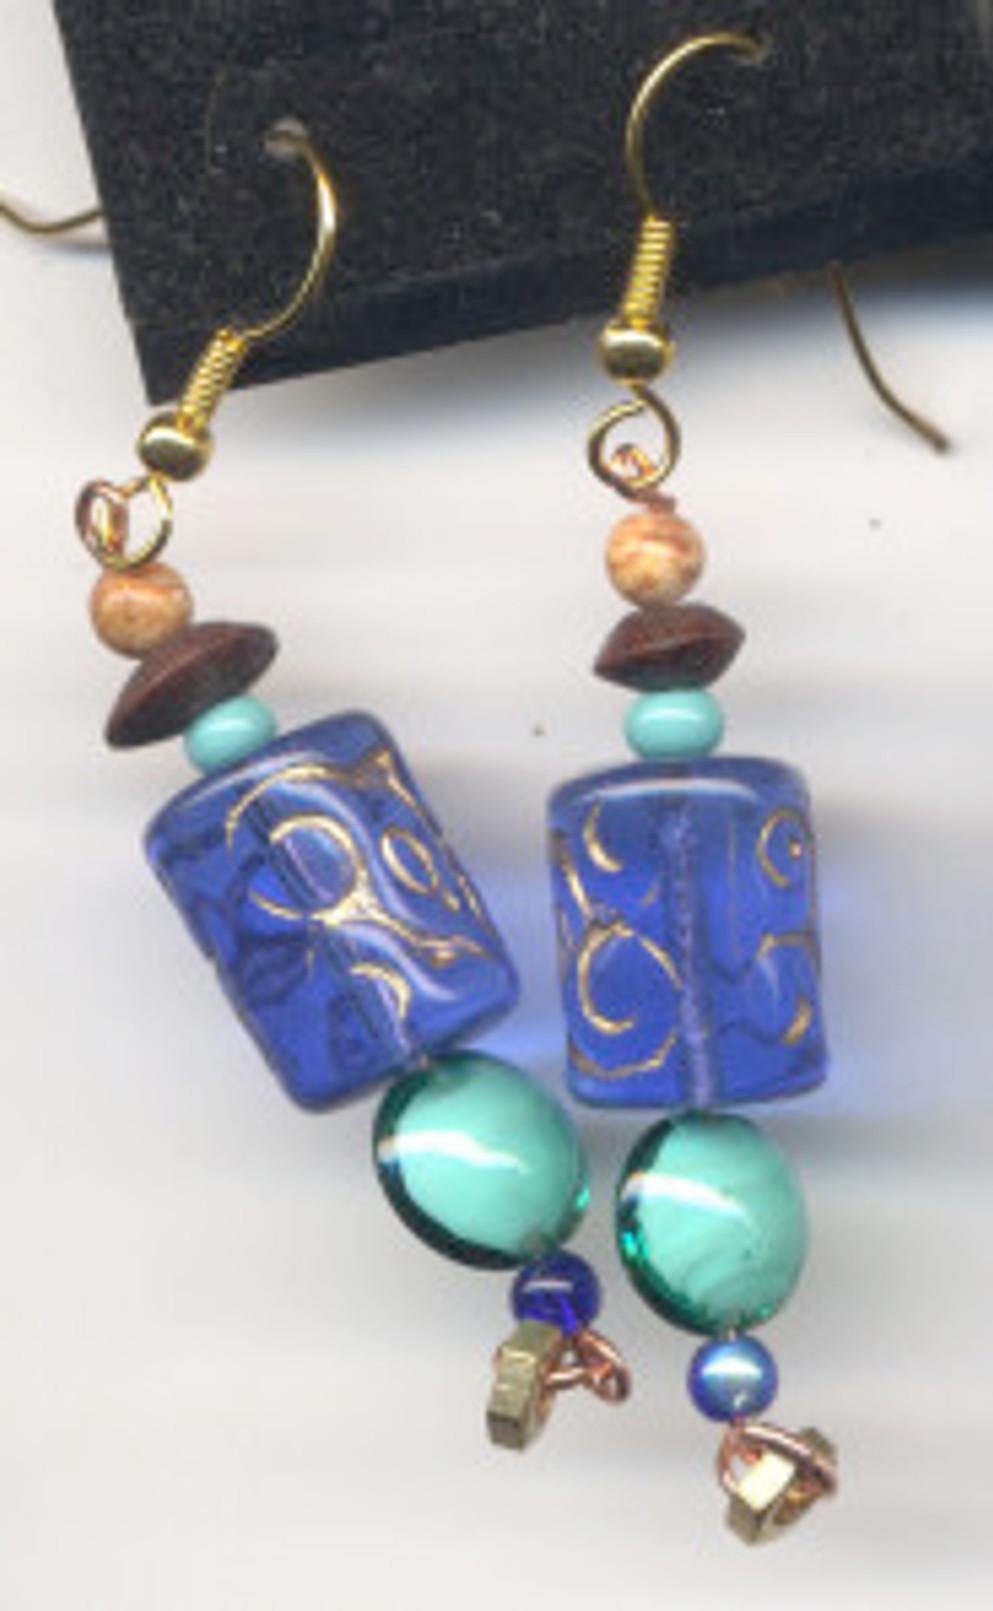 Sea Earrings - $30